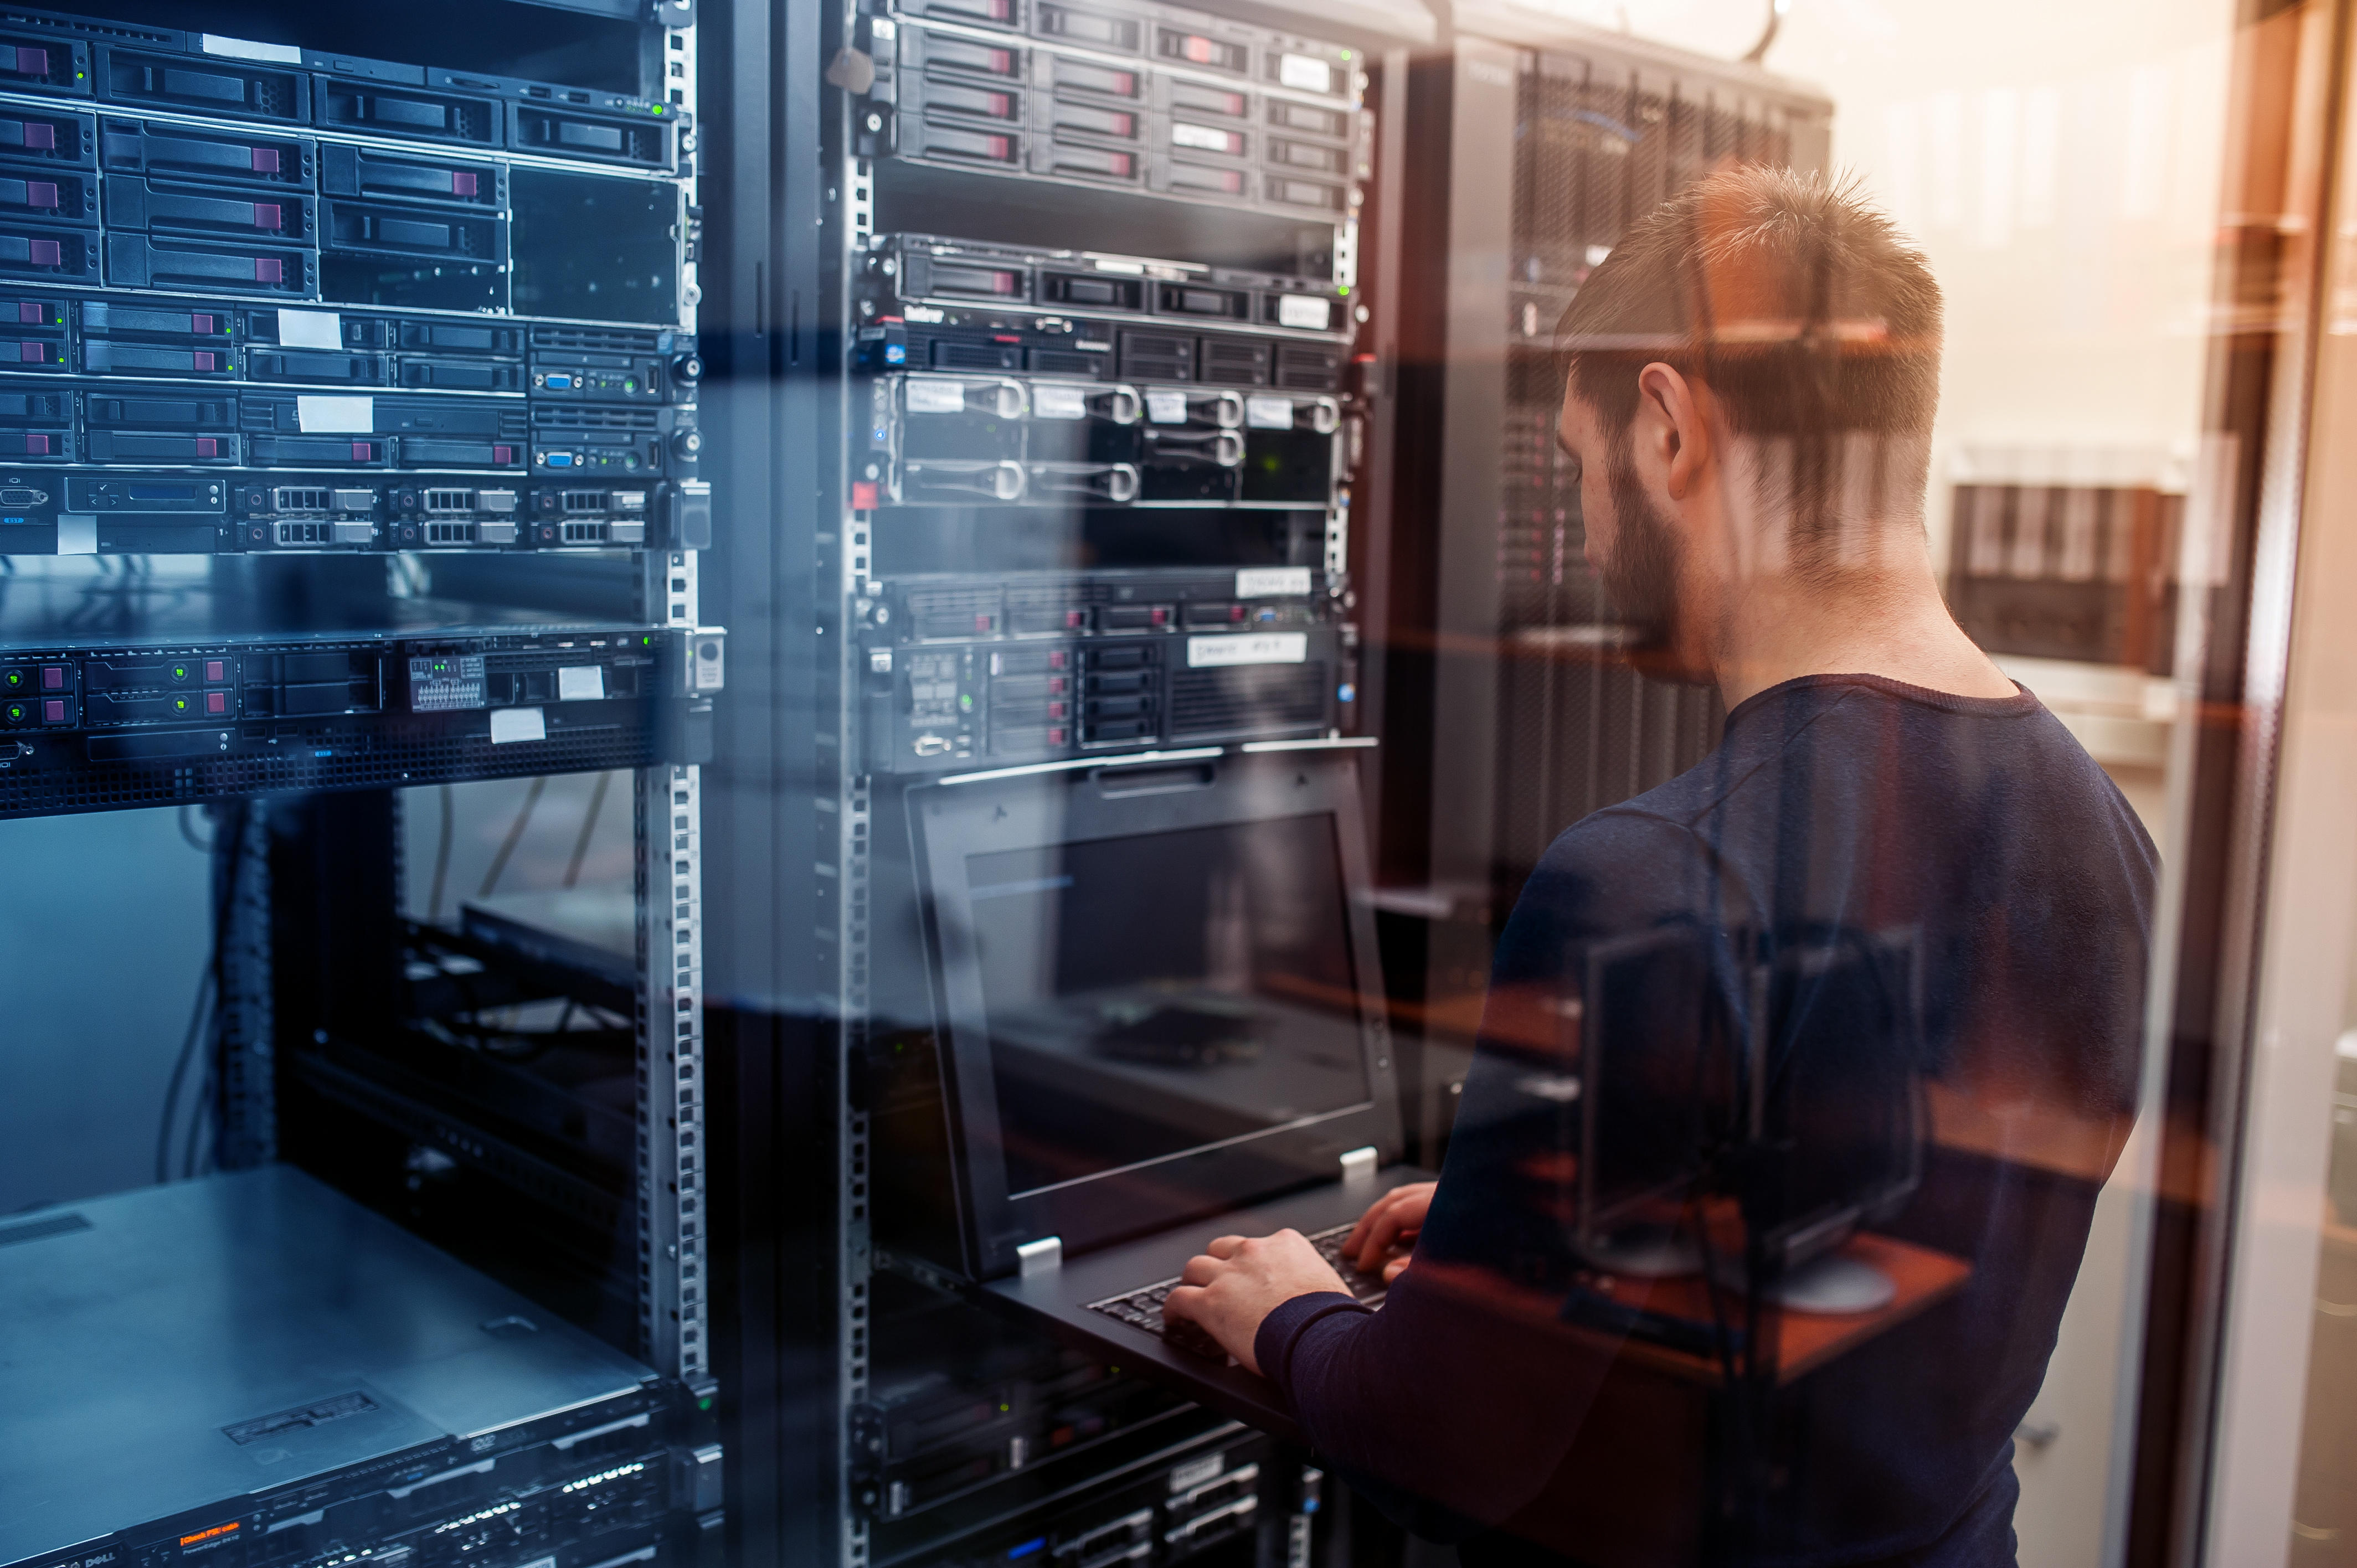 Kostenloses Infopaket: Zusätzliche Server-Kapazitäten on Demand